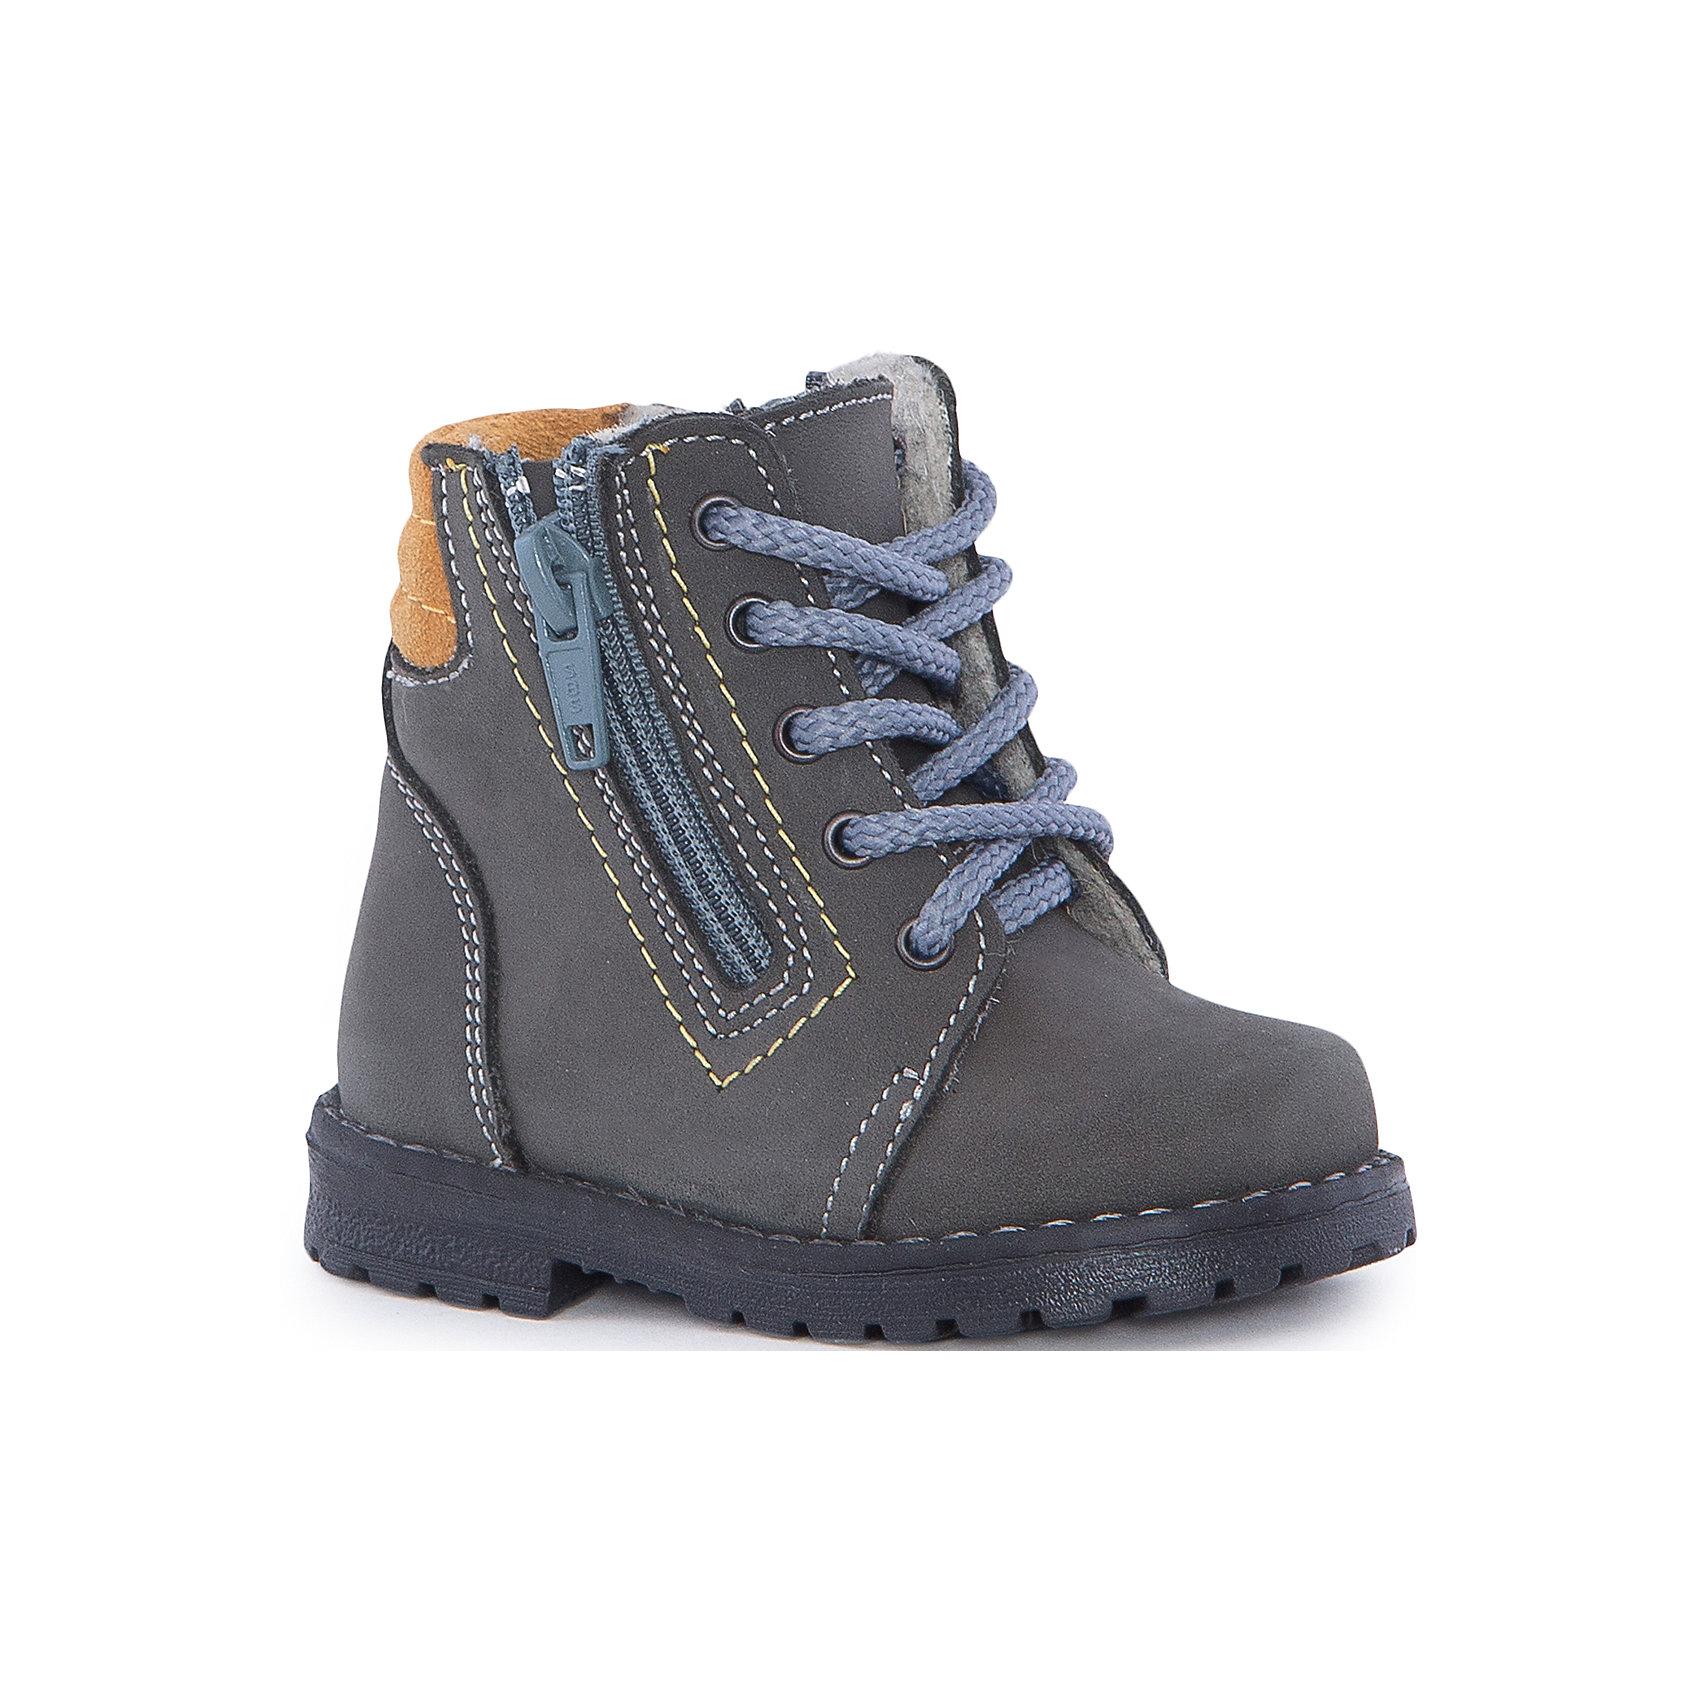 Ботинки для мальчика КотофейБотинки для мальчика Котофей.<br><br>Характеристики:<br><br>- Внешний материал: натуральная кожа<br>- Внутренний материал: байка<br>- Подошва: ТЭП<br>- Тип застежки: 2 молнии, шнуровка<br>- Вид крепления обуви: клеевой<br>- Температурный режим до -5С<br>- Цвет: серый, желтый<br>- Сезон: весна, осень<br>- Пол: для мальчиков<br><br>Ботинки для мальчика торговой марки Котофей - отличный выбор для межсезонья. Модель выполнена из натуральной кожи с гидрофобной пропиткой, обладающей водоотталкивающим эффектом. Подкладка – байка с 80% -ным содержанием шерсти. Удобная застежка - две молнии обеспечивает идеальную раскрываемость модели и позволяет легко обувать и снимать ботинки, а функциональная шнуровка обеспечит идеальную фиксацию обуви на стопе. Контрастный мягкий манжет из велюра создает комфорт при ходьбе и предотвращает натирание ножки ребенка. Прочная подошва с небольшим каблуком не позволит проникнуть холоду внутрь обуви. Детская обувь «Котофей» качественна, красива, добротна, комфортна и долговечна. Она производится на Егорьевской обувной фабрике. Жесткий контроль производства и постоянное совершенствование технологий при многолетнем опыте позволяют считать компанию одним из лидеров среди отечественных производителей детской обуви.<br><br>Ботинки для мальчика Котофей можно купить в нашем интернет-магазине.<br><br>Ширина мм: 262<br>Глубина мм: 176<br>Высота мм: 97<br>Вес г: 427<br>Цвет: серый/желтый<br>Возраст от месяцев: 9<br>Возраст до месяцев: 12<br>Пол: Мужской<br>Возраст: Детский<br>Размер: 20,24,23,22,21<br>SKU: 5023908